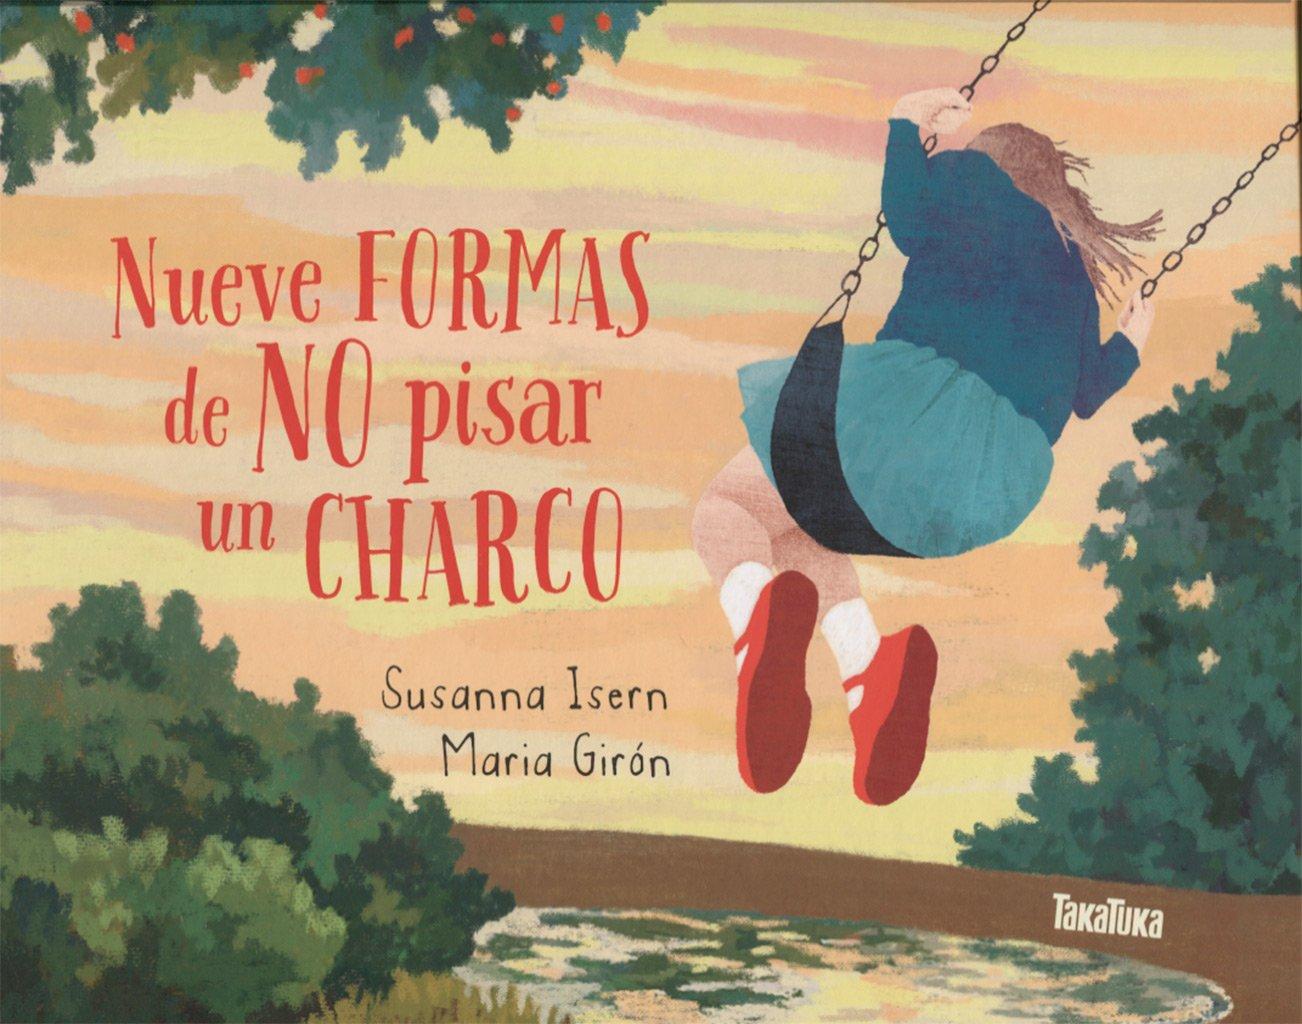 Nueve formas de no pisar un charco (Spanish Edition): Susanna Isern, Takatuka, María Girón: 9788416003815: Amazon.com: Books